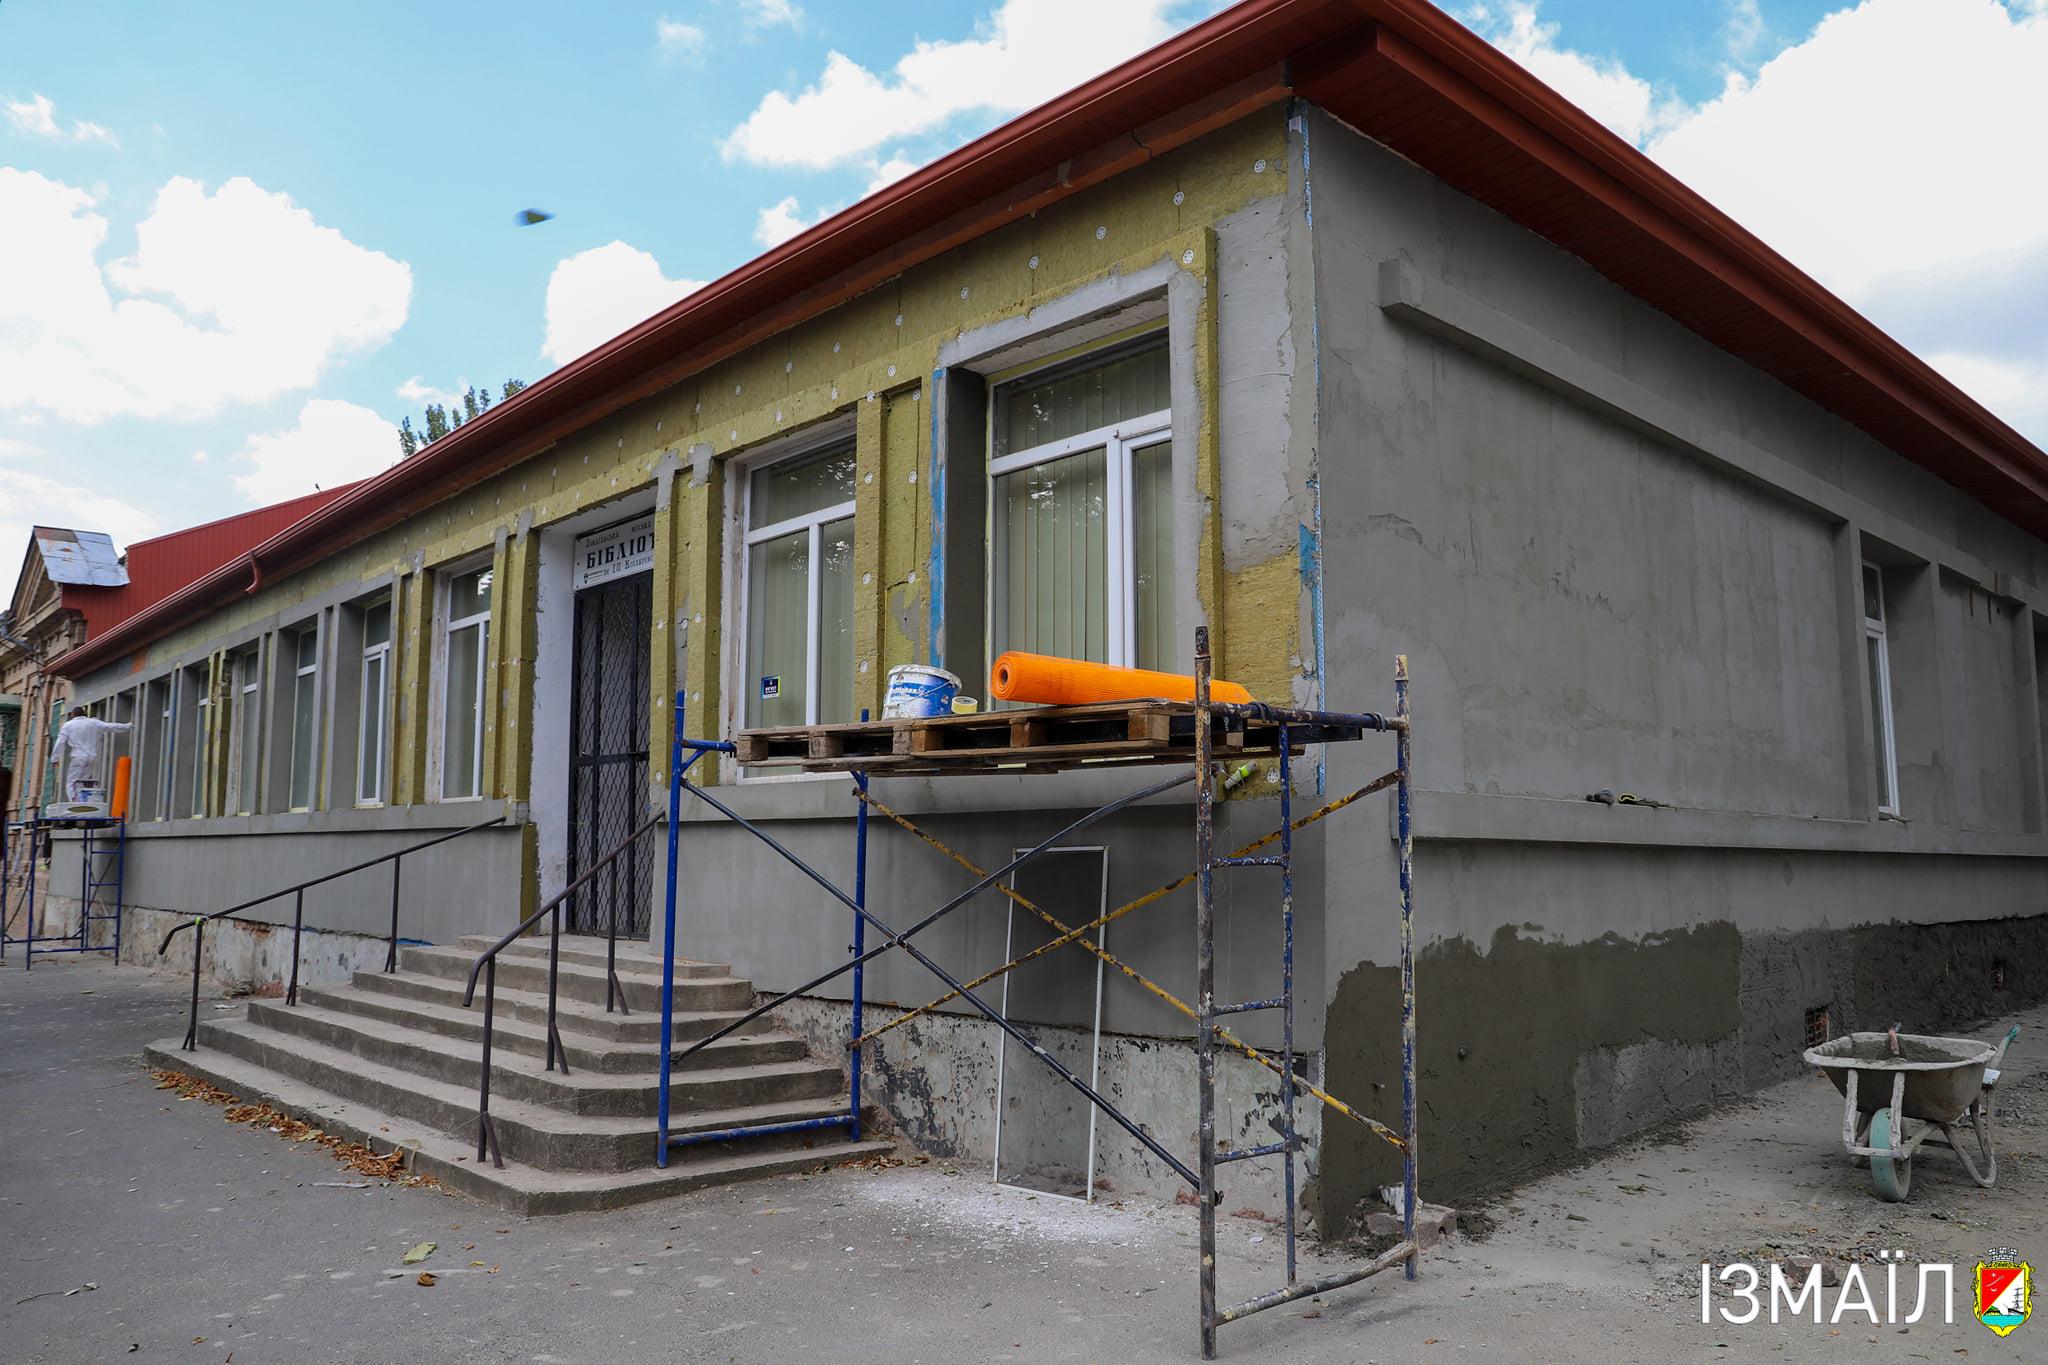 В Измаиле в рамках грантового проекта преображают фасад Центральной городской библиотеки им. Котляревского